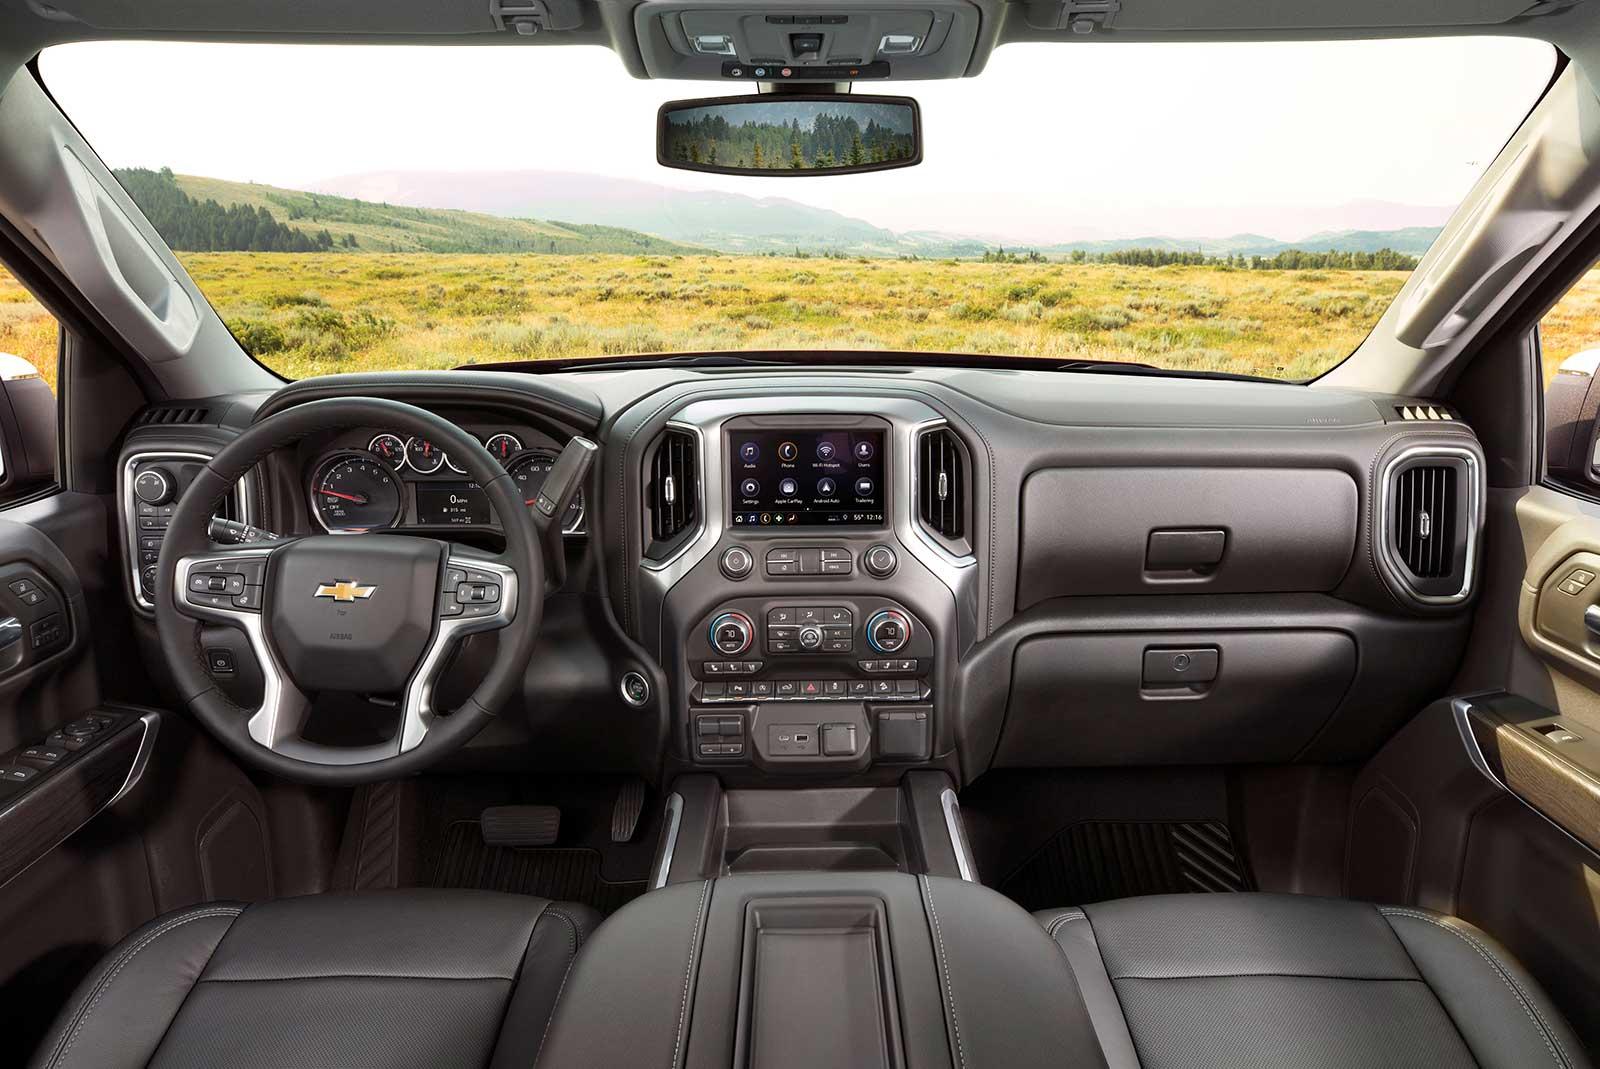 2019 Chevrolet Silverado Review Gm Inside News